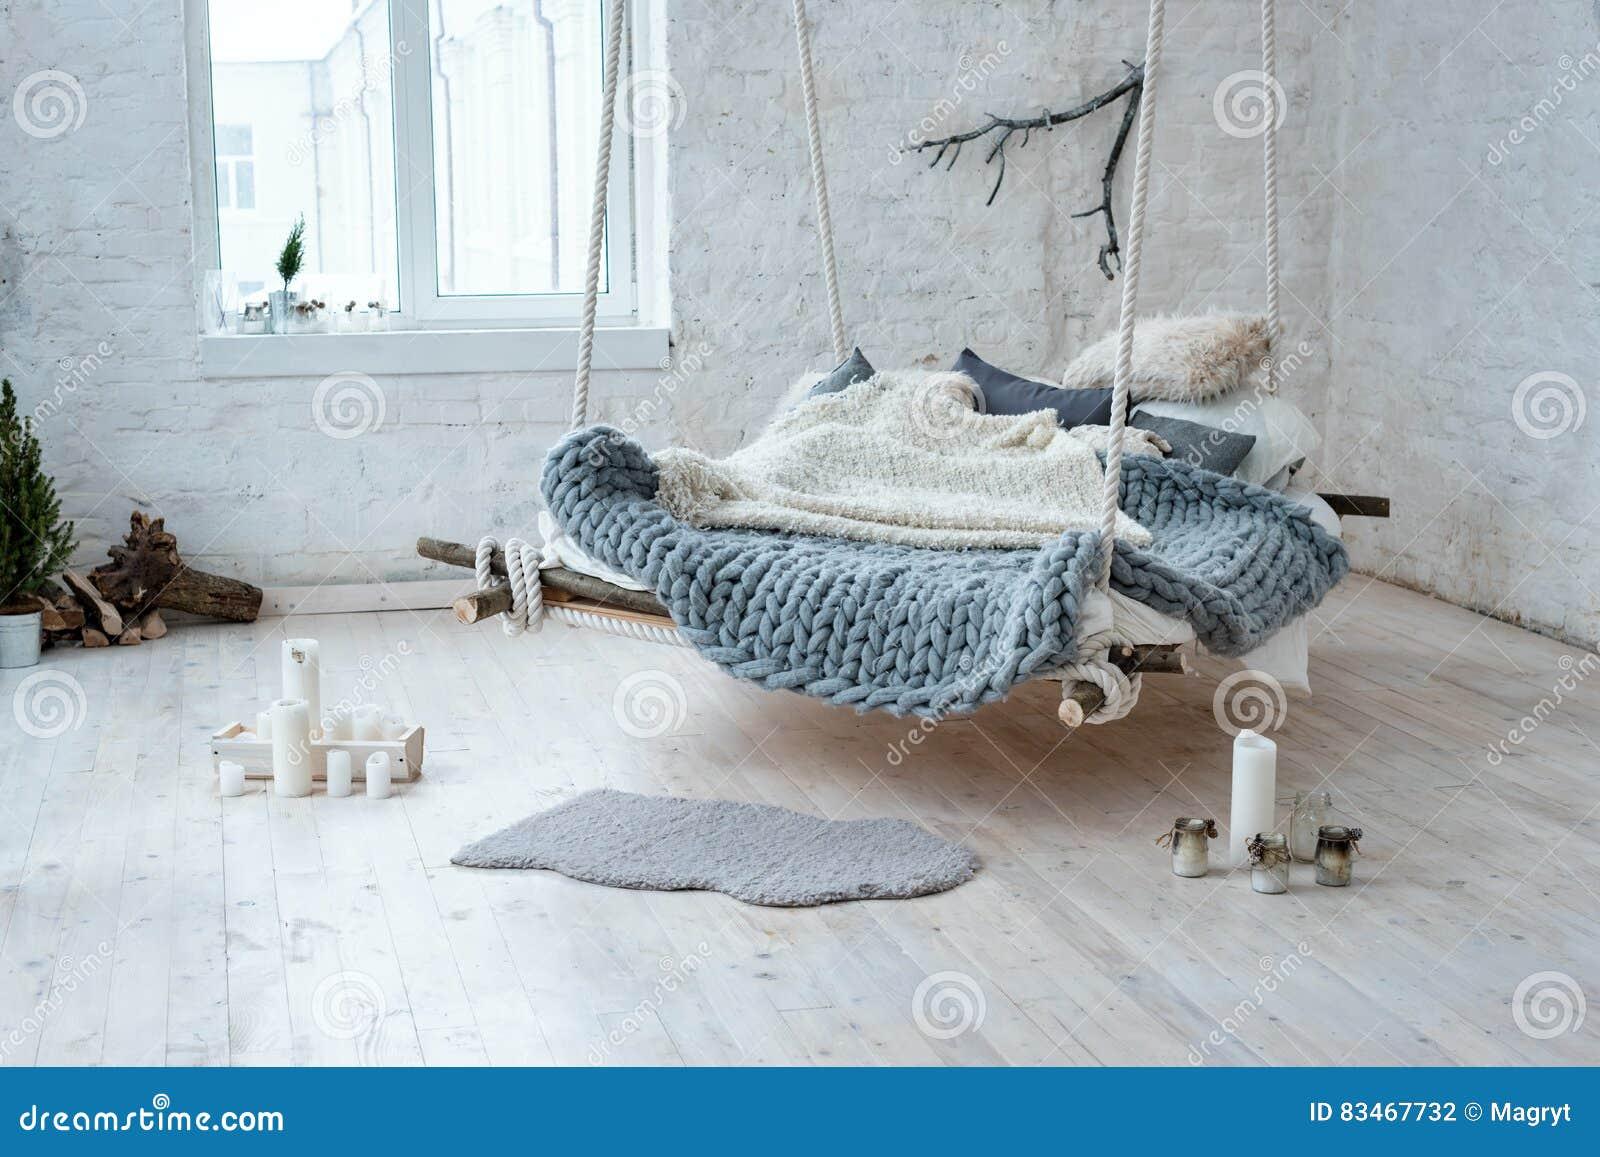 Großartig Hängendes Bett Galerie Von Pattern Weißer Dachbodeninnenraum In Der Klassischen Skandinavischen